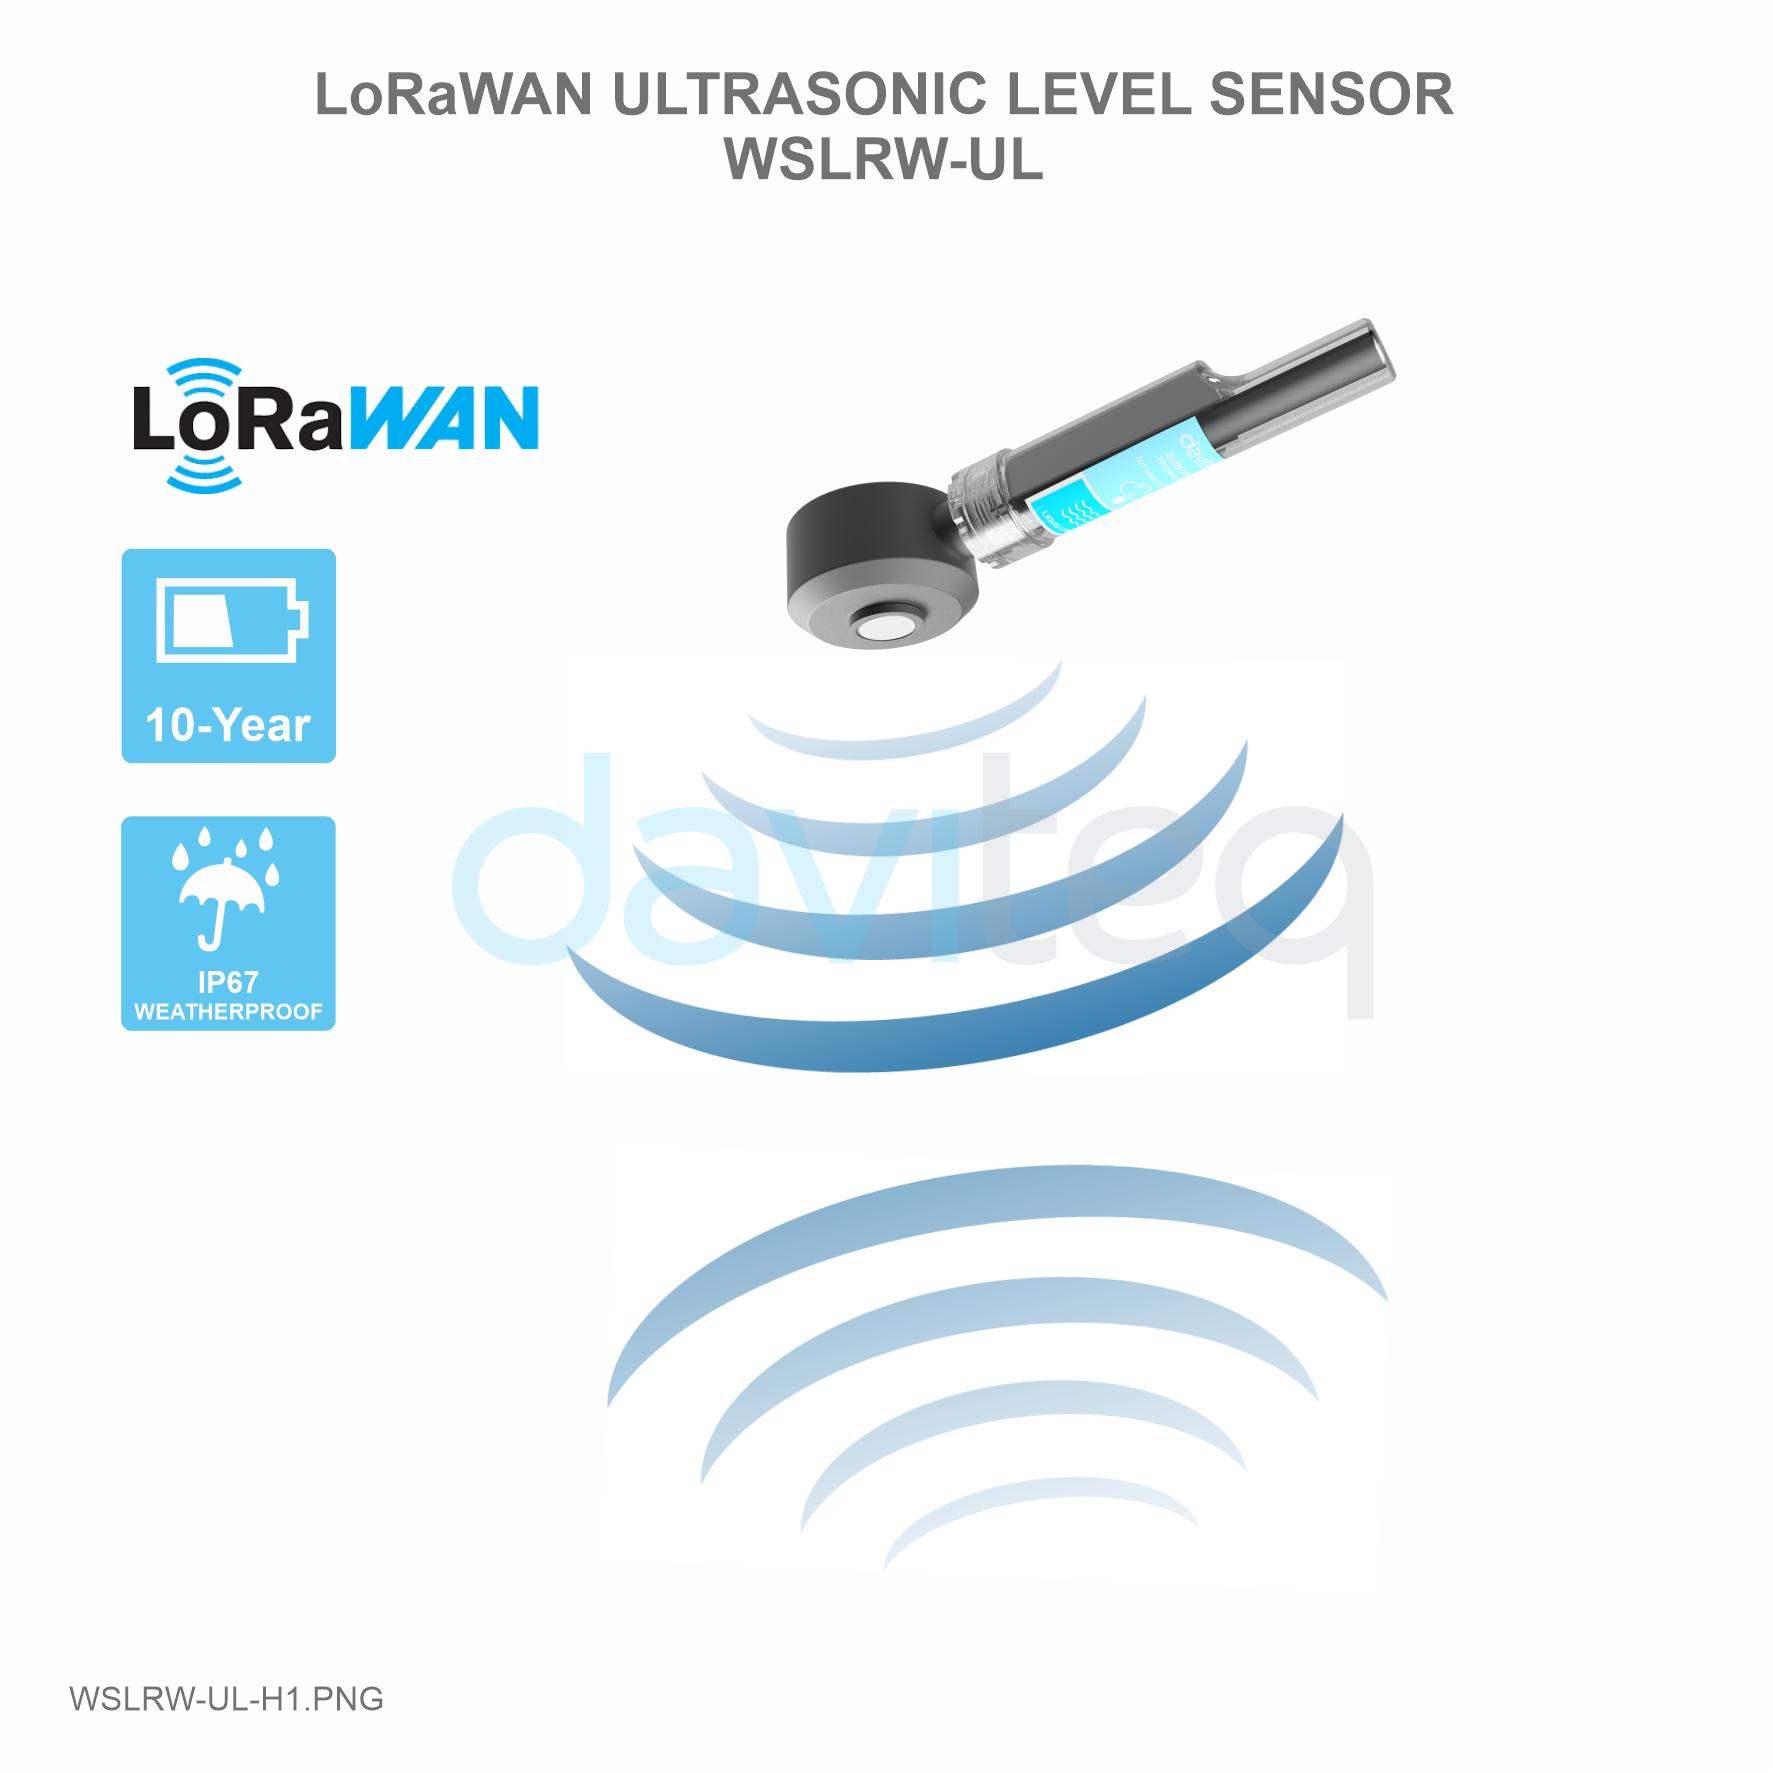 Cảm biến LoRaWAN đo mức siêu âm